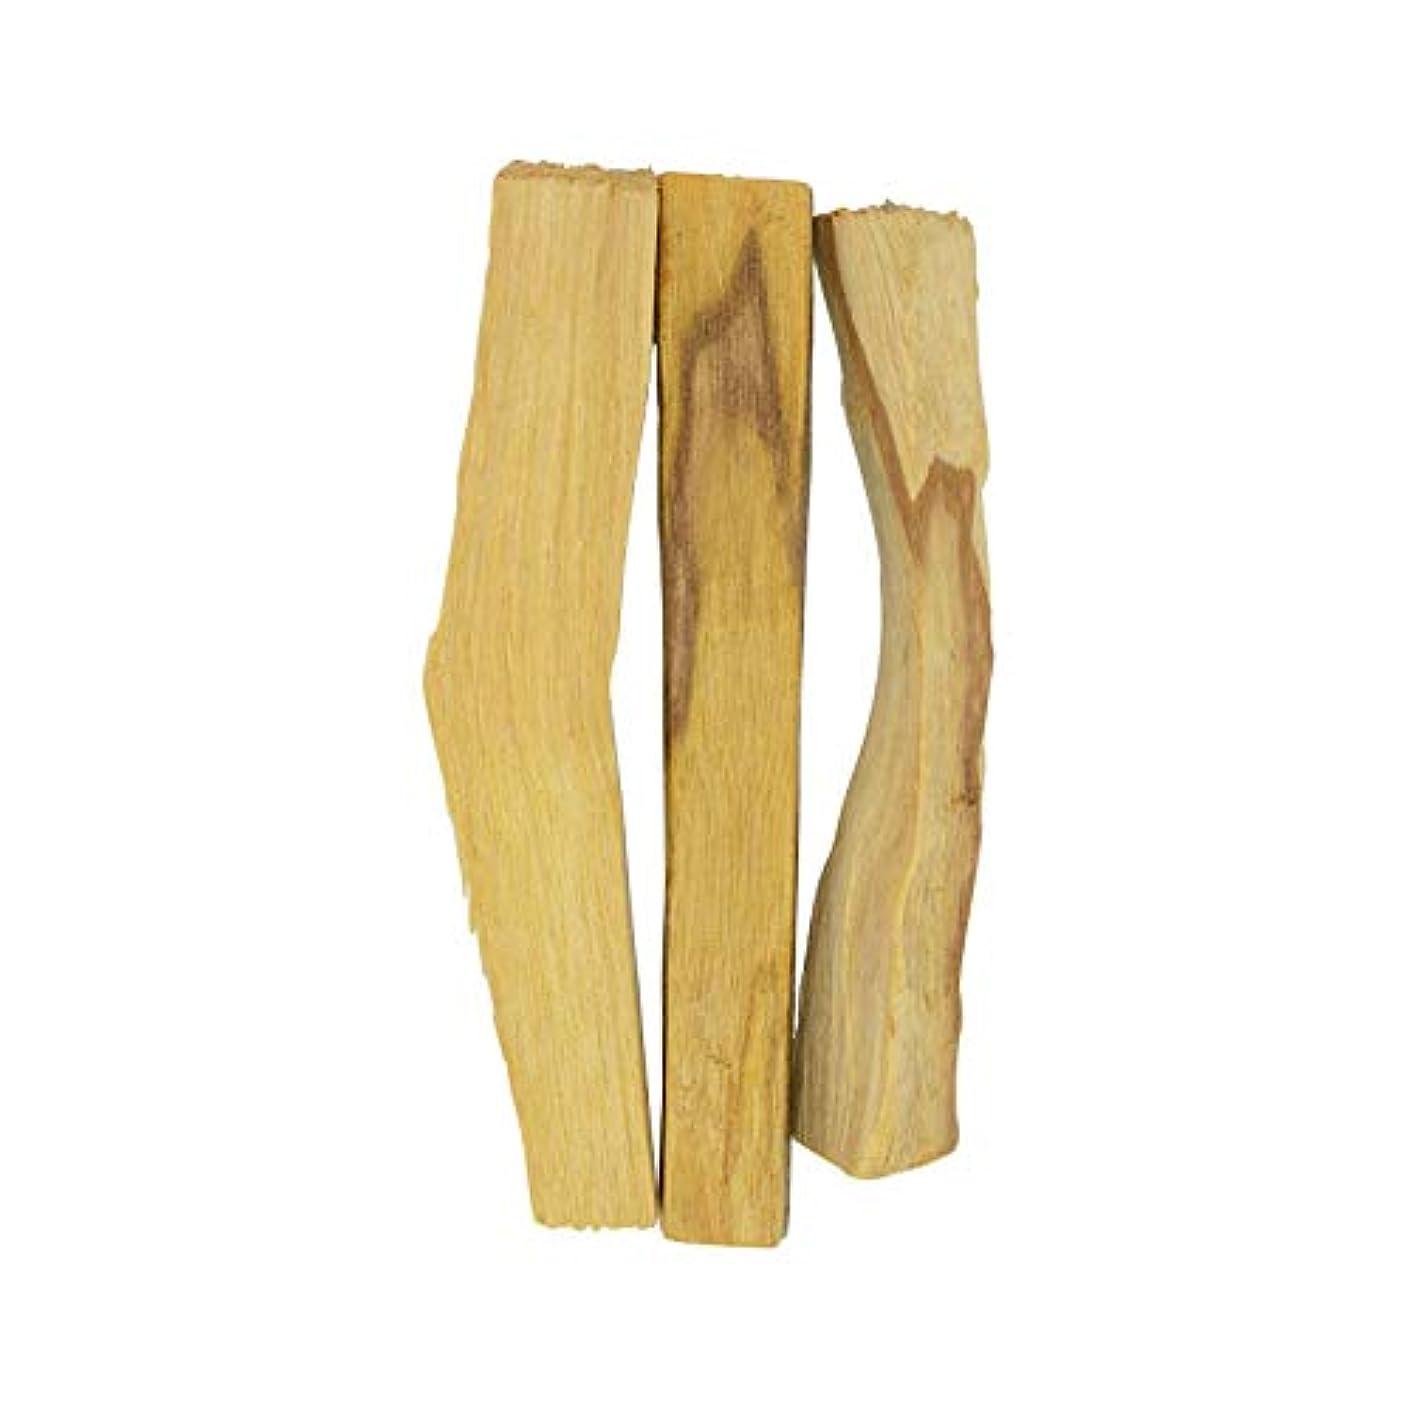 規模ローラーウルルパロサント 香木 約20g 浄化用 お香 スマッシングスティック